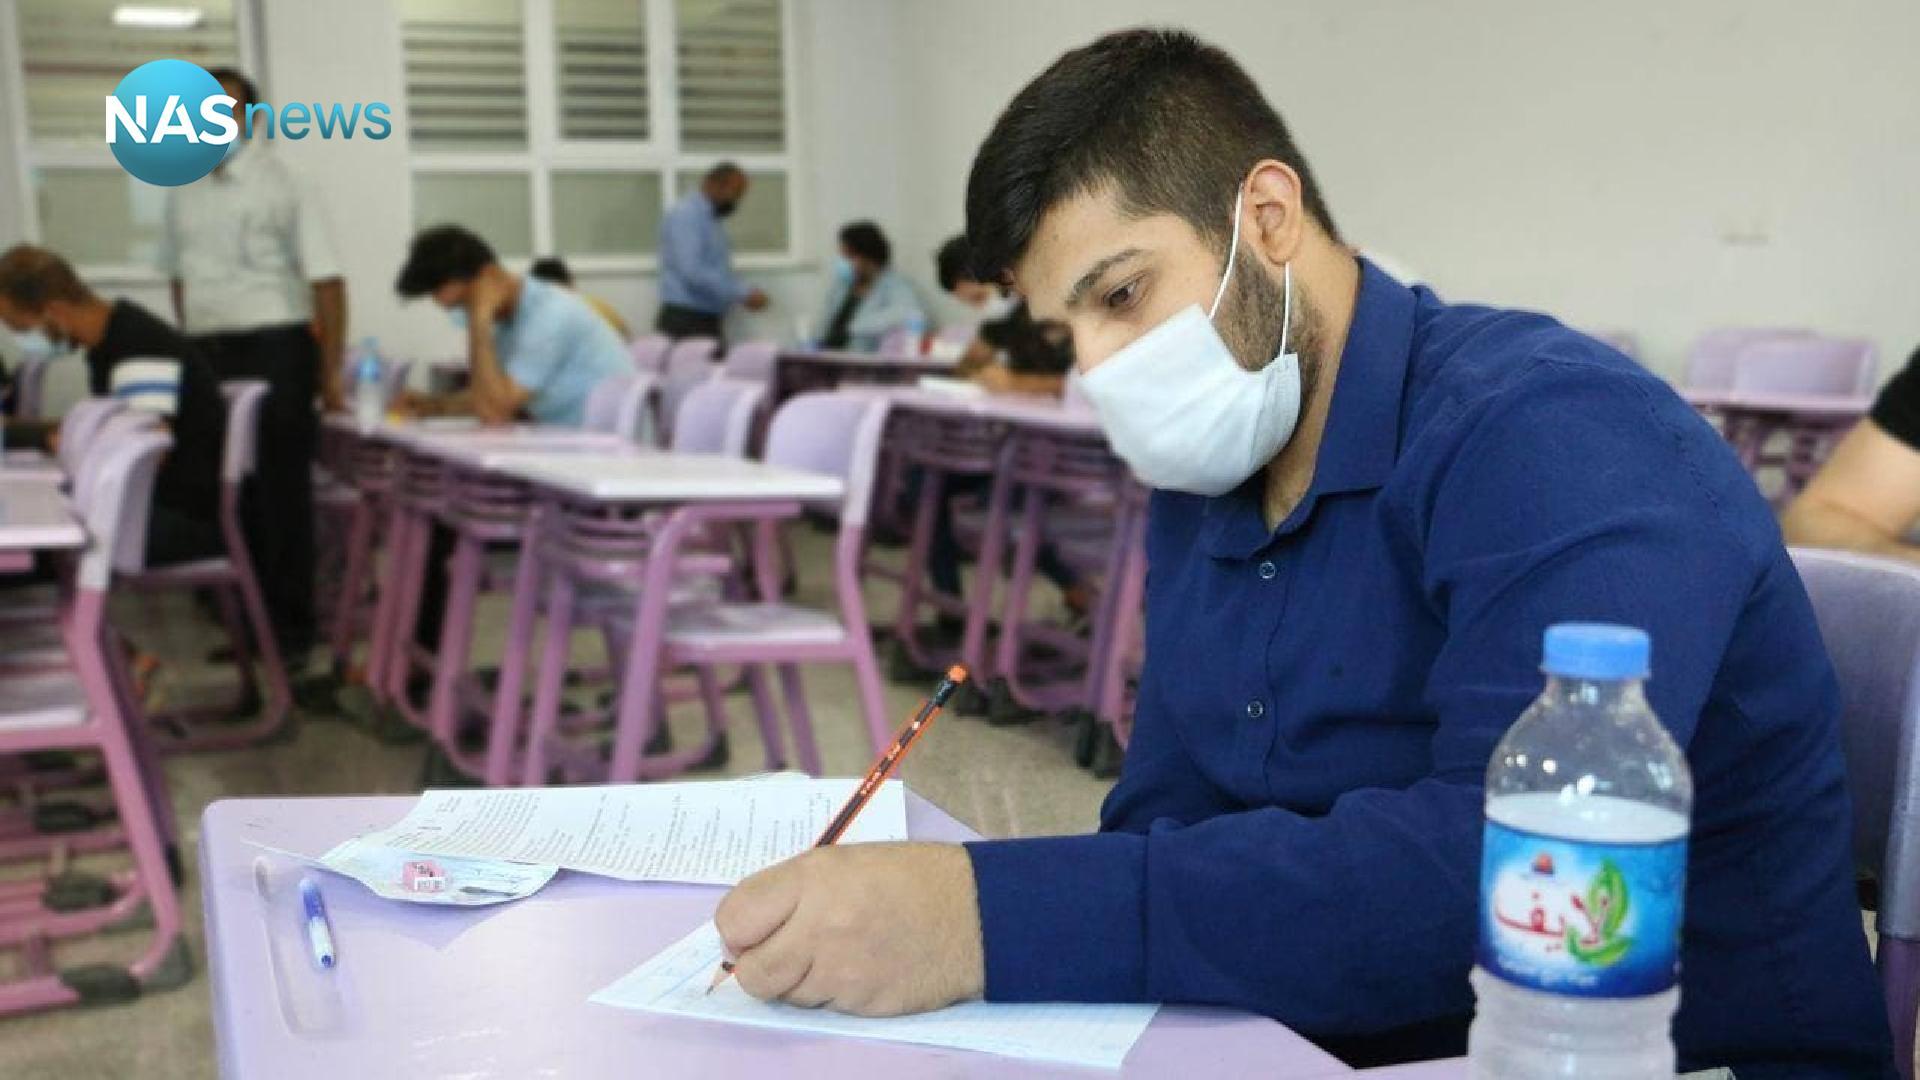 وزارة التربية تحسم الجدل حول امتحانات السادس الإعدادي والثالث المتوسط